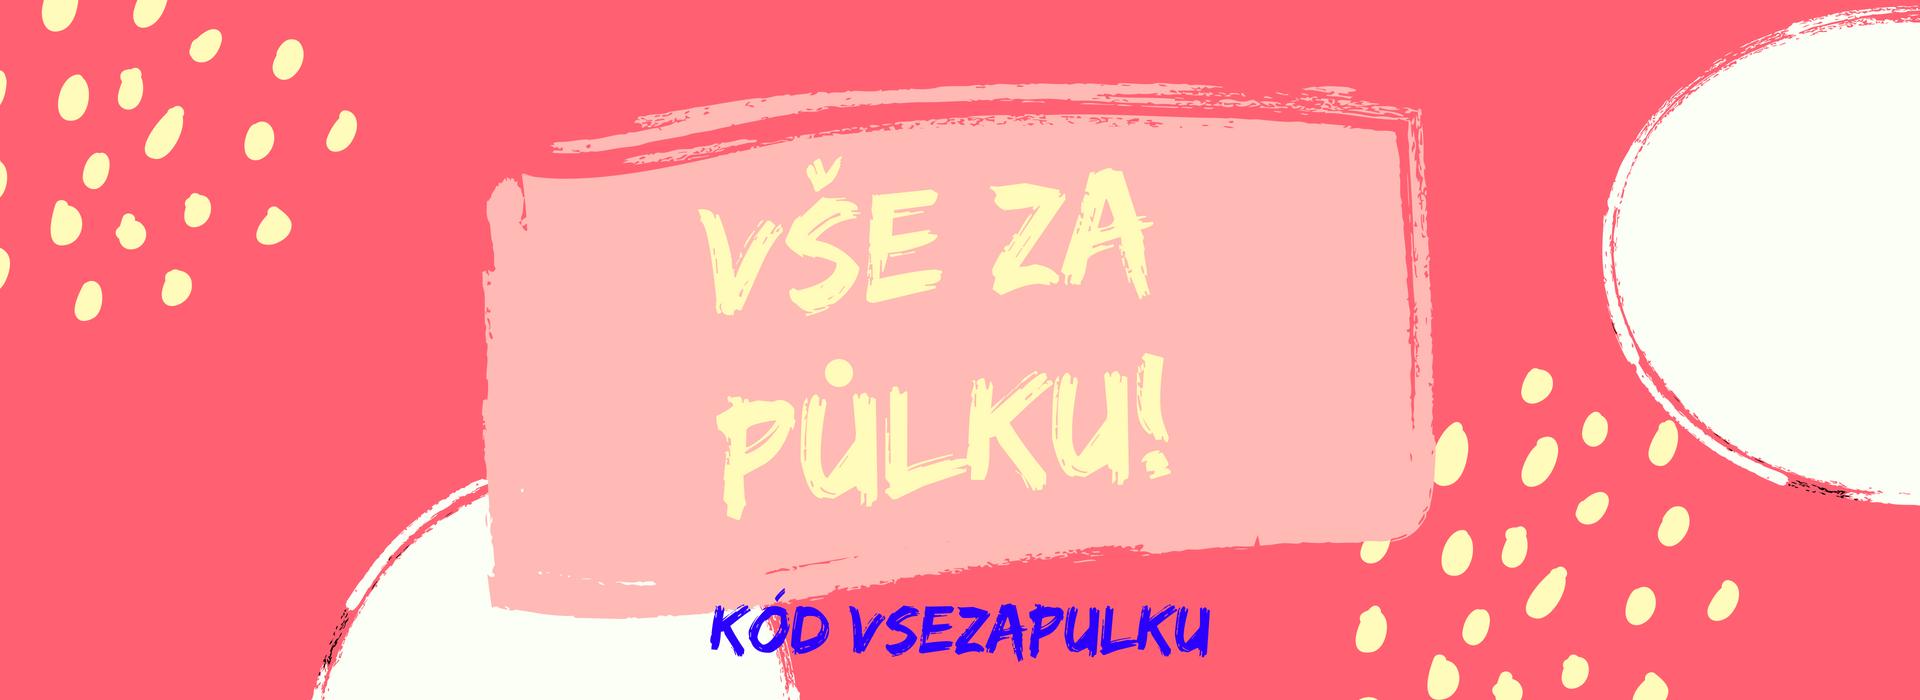 VSEZAPULKU